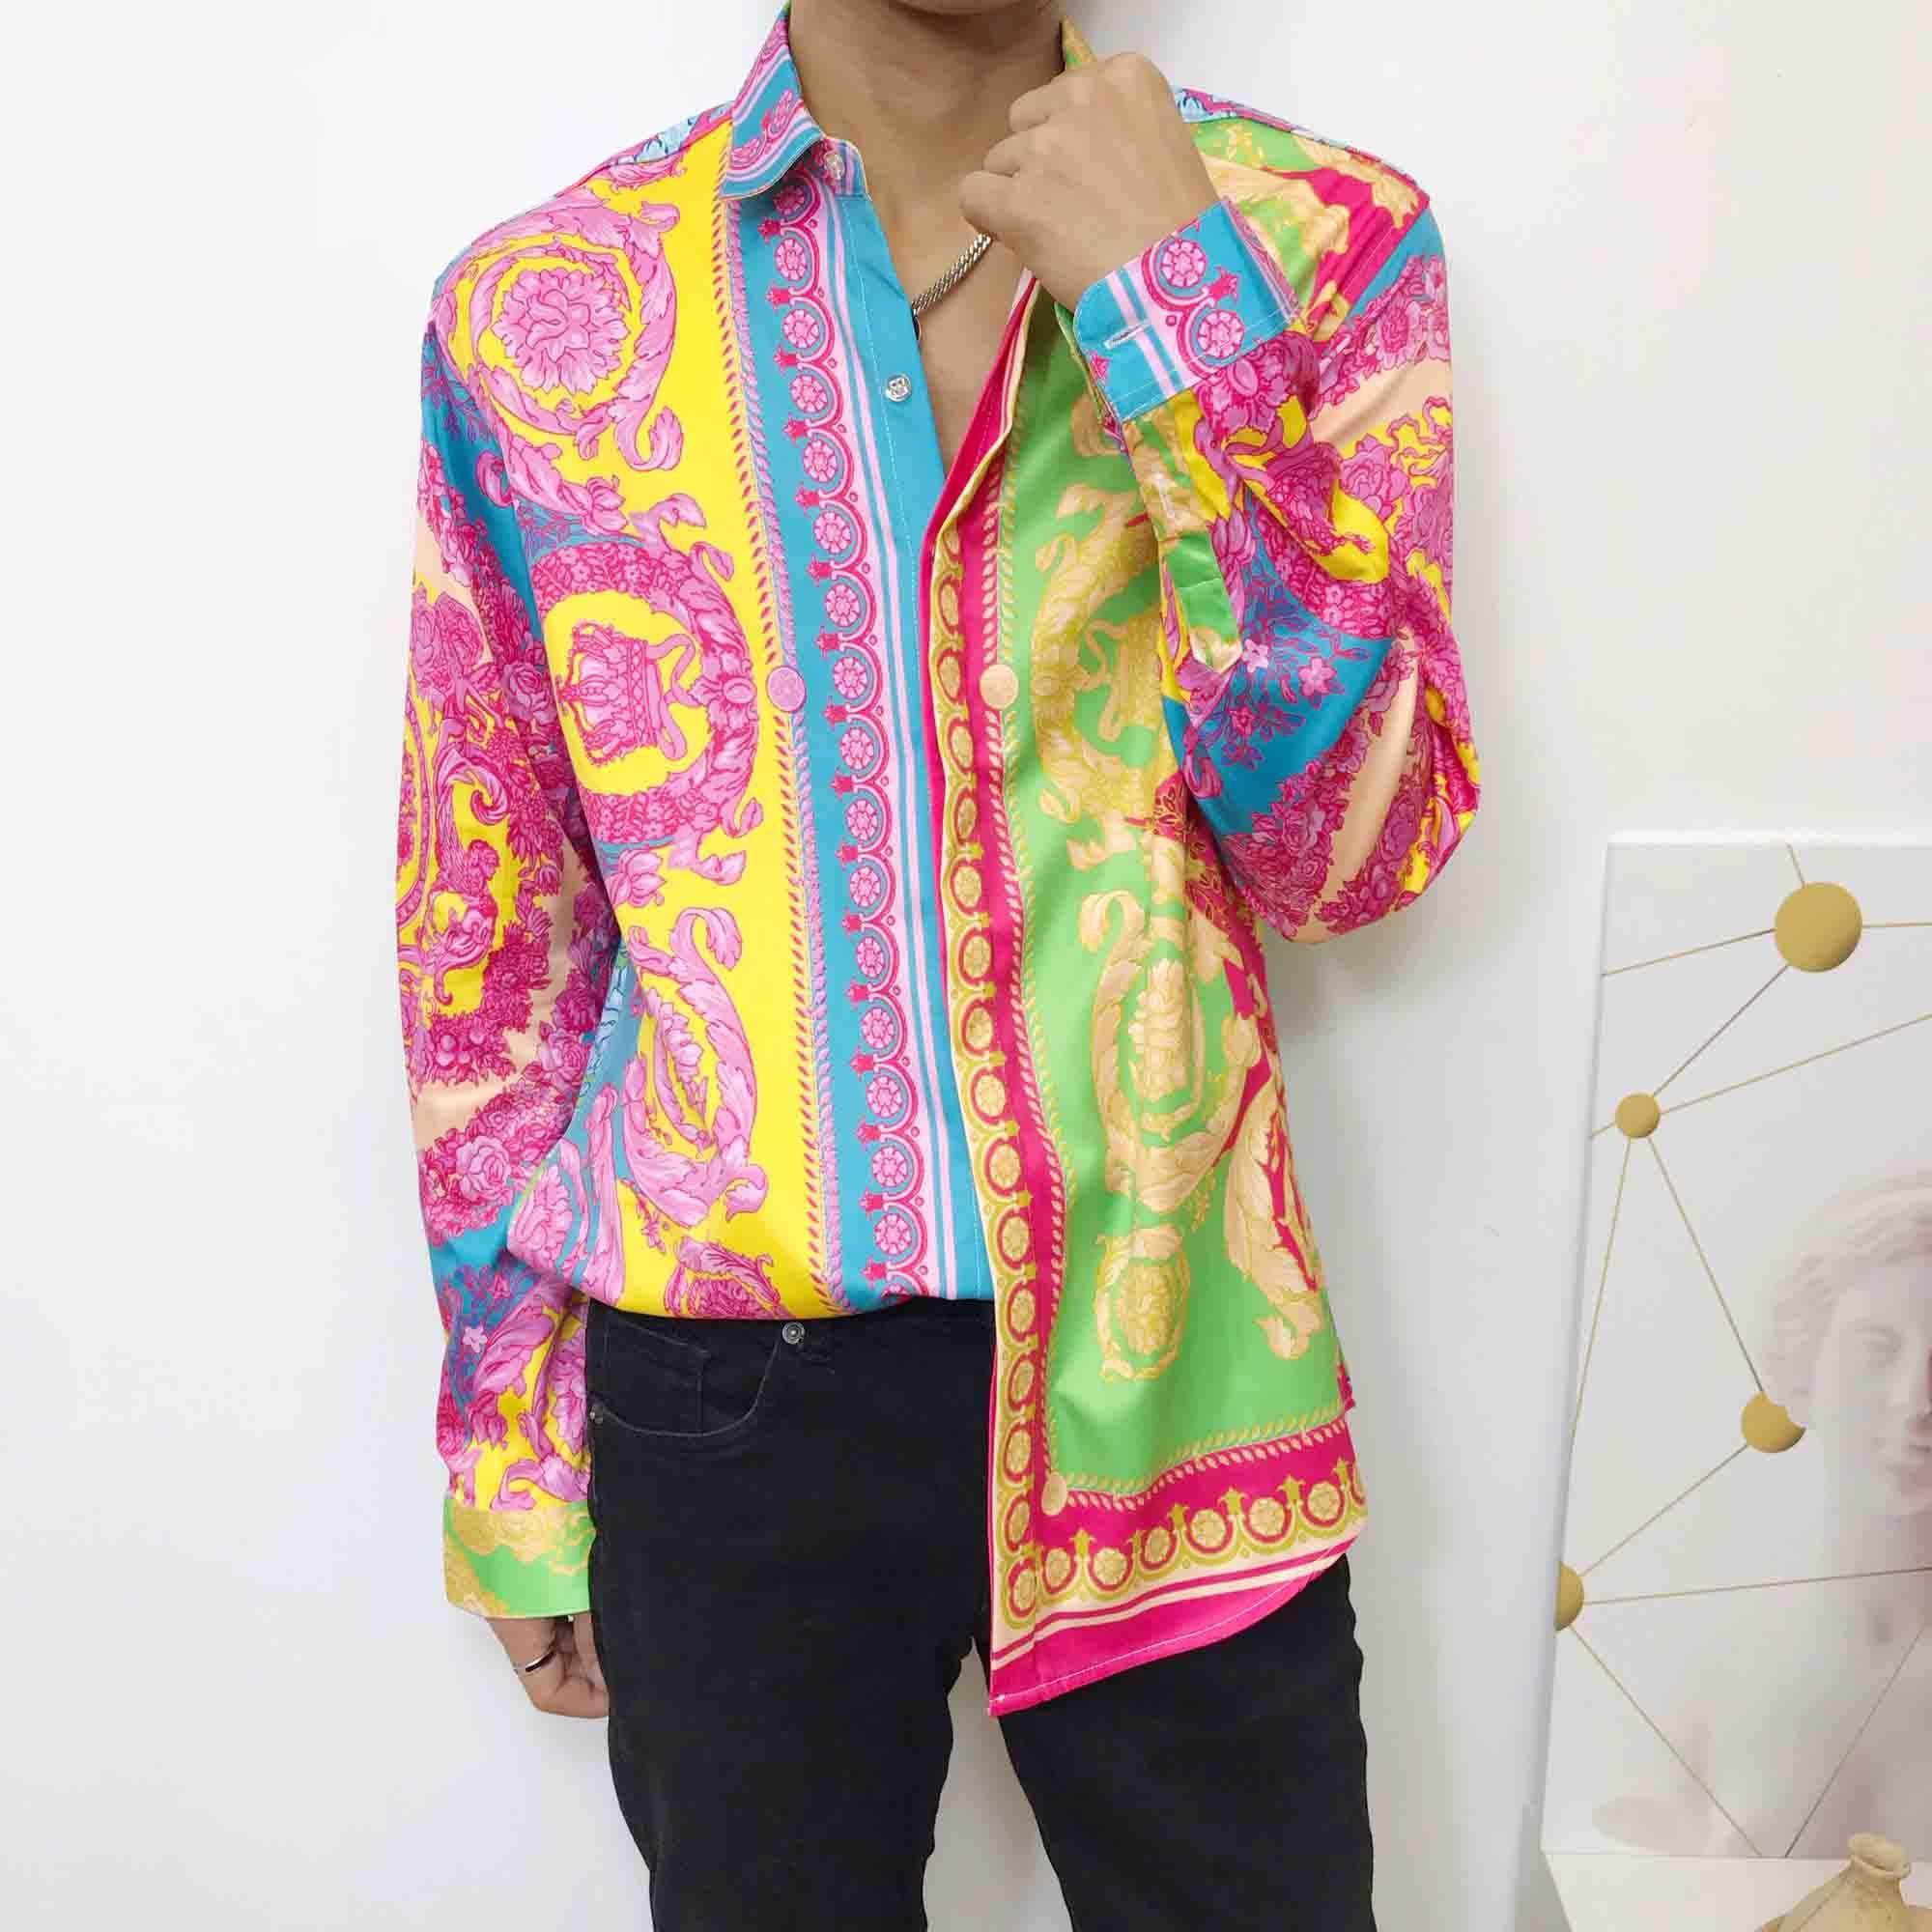 Brand New Dress camice del Mens di modo della camicia casuale degli uomini Medusa Camicie Oro della stampa floreale dimagriscono le camice da uomo